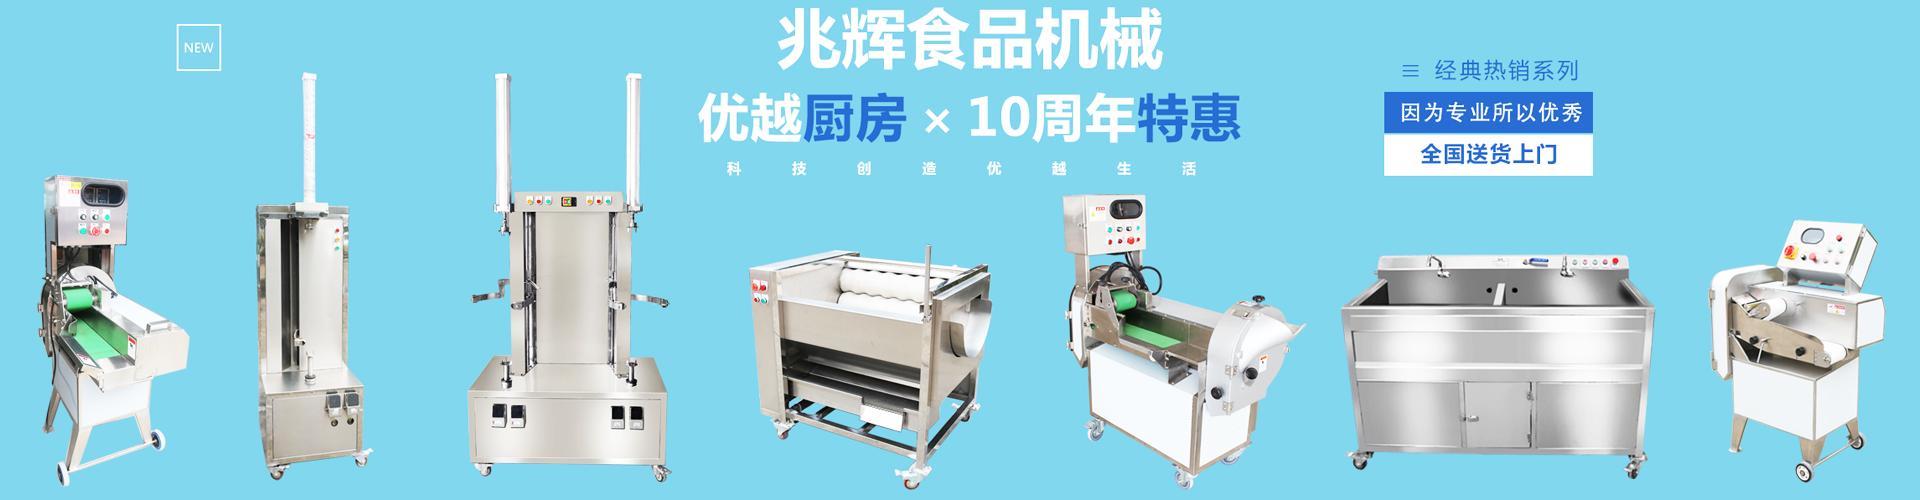 肇庆市兆辉食品机械有限公司专业经营果蔬清洗机械,蔬菜去皮机械等食品机械。